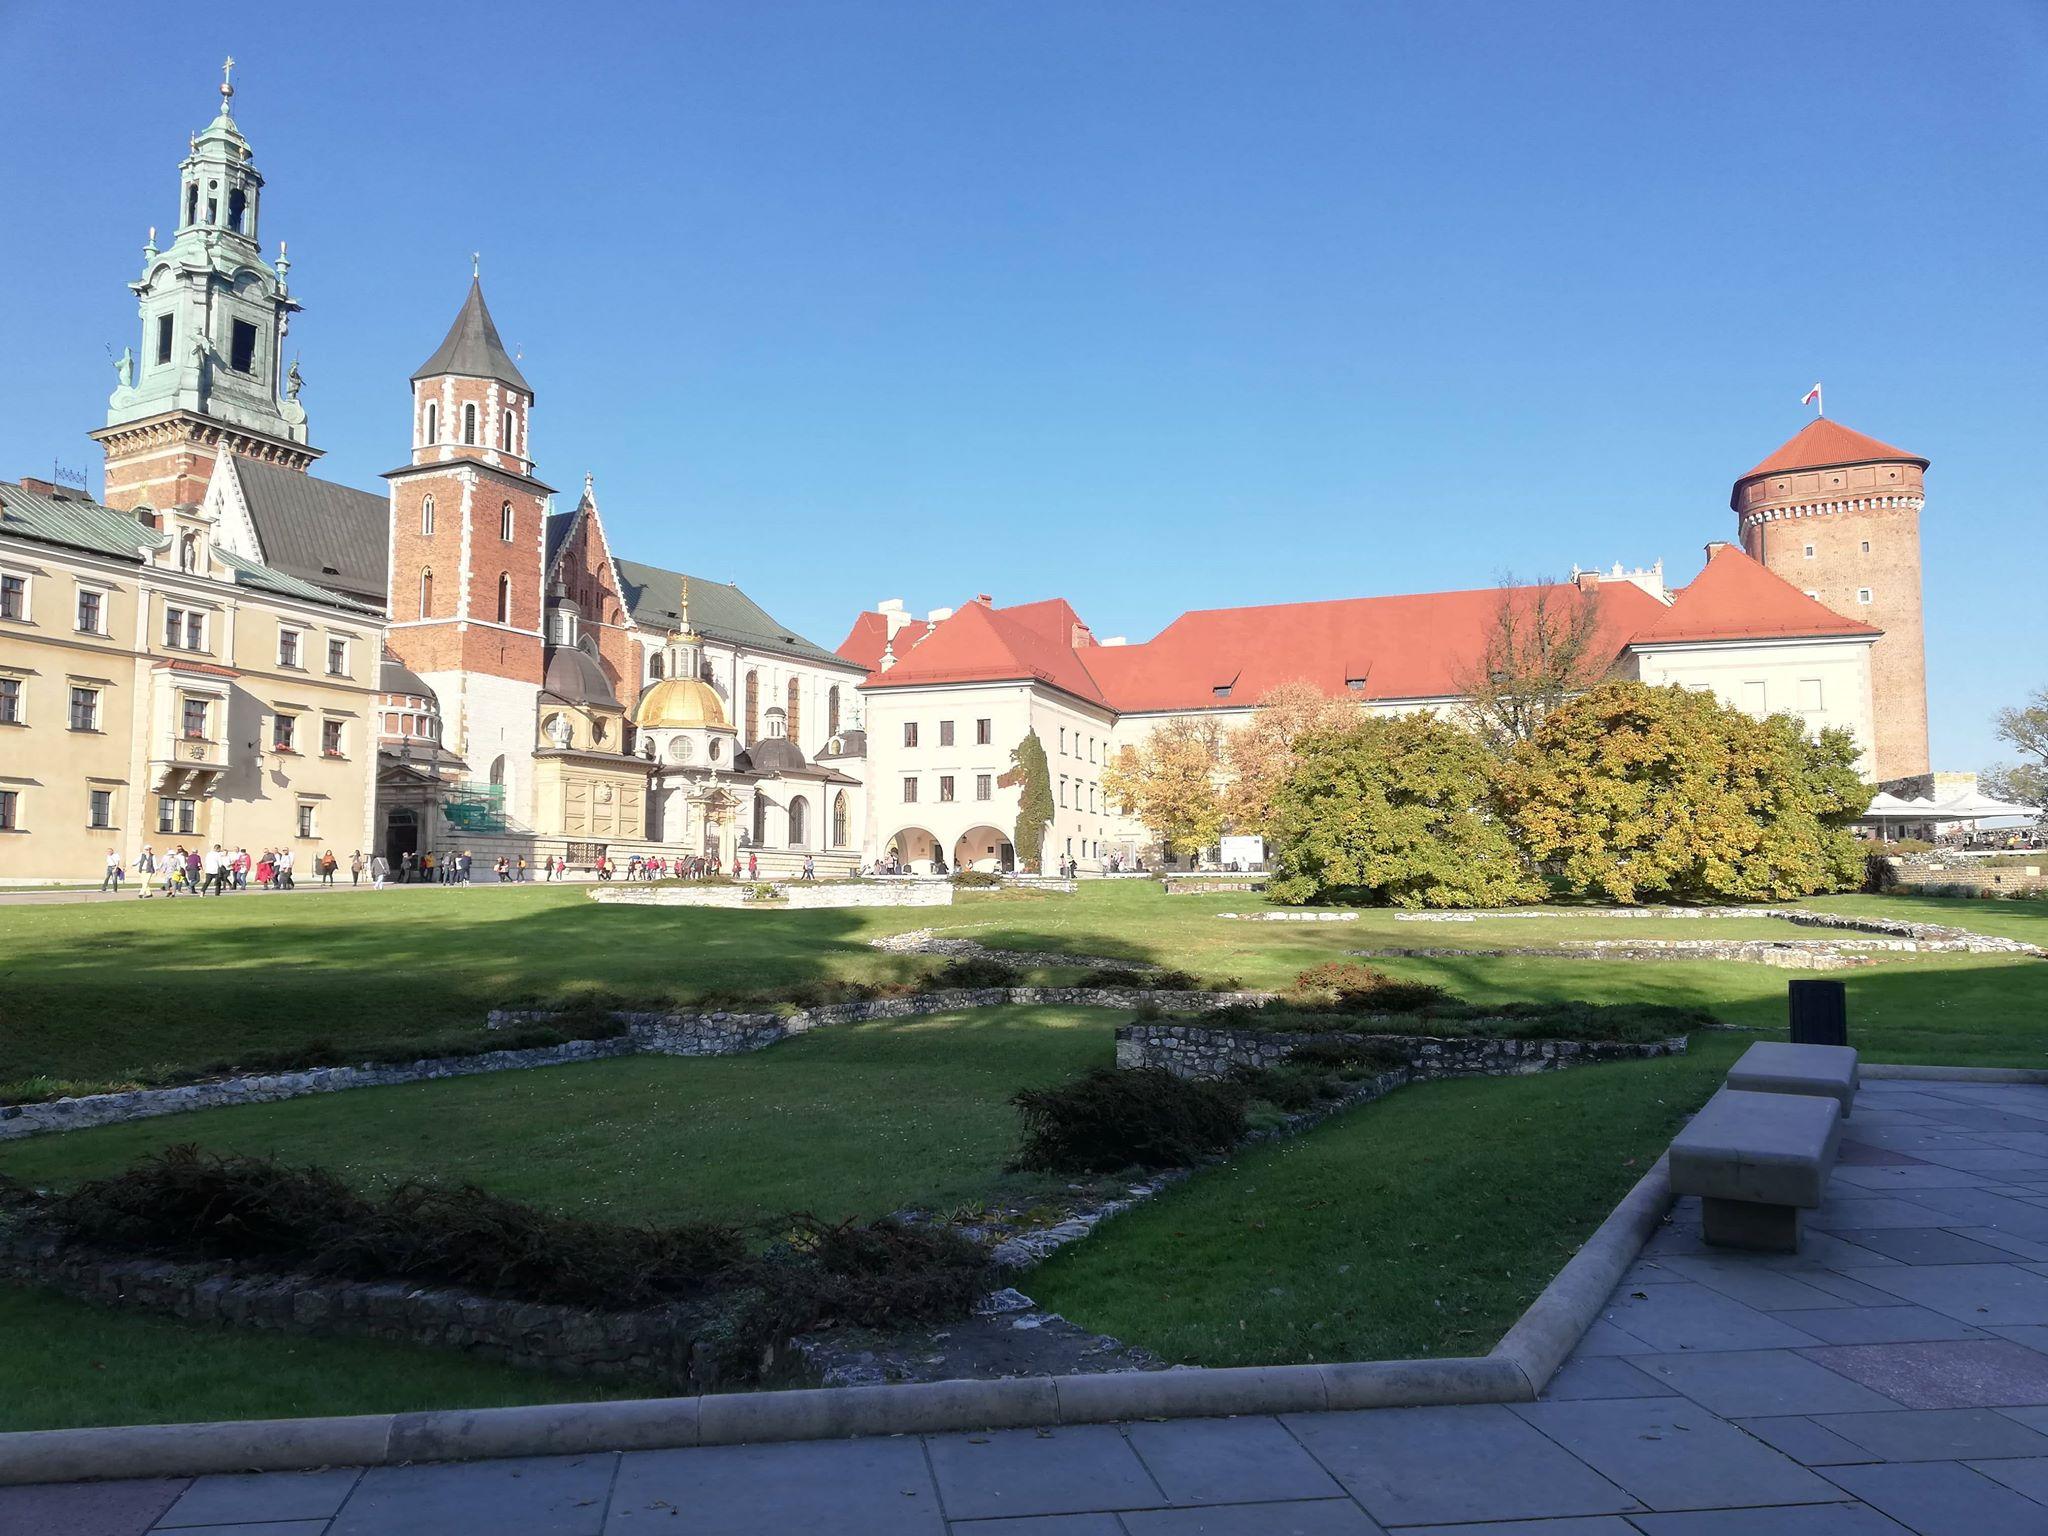 Odwiedziny w Krakowie – genius loci miejsca i dobre miasto dla AC